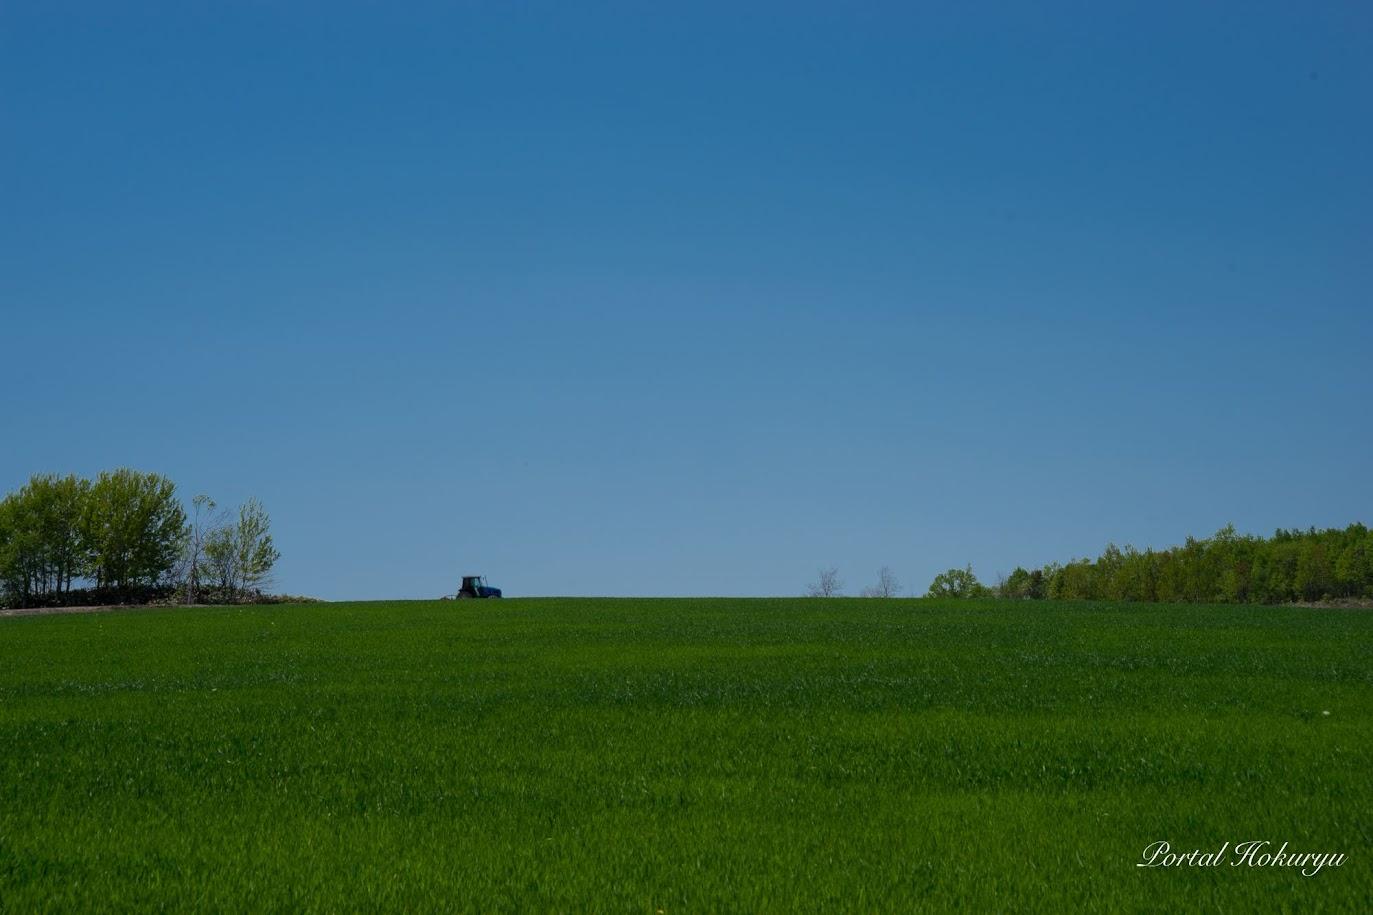 青と緑の風景